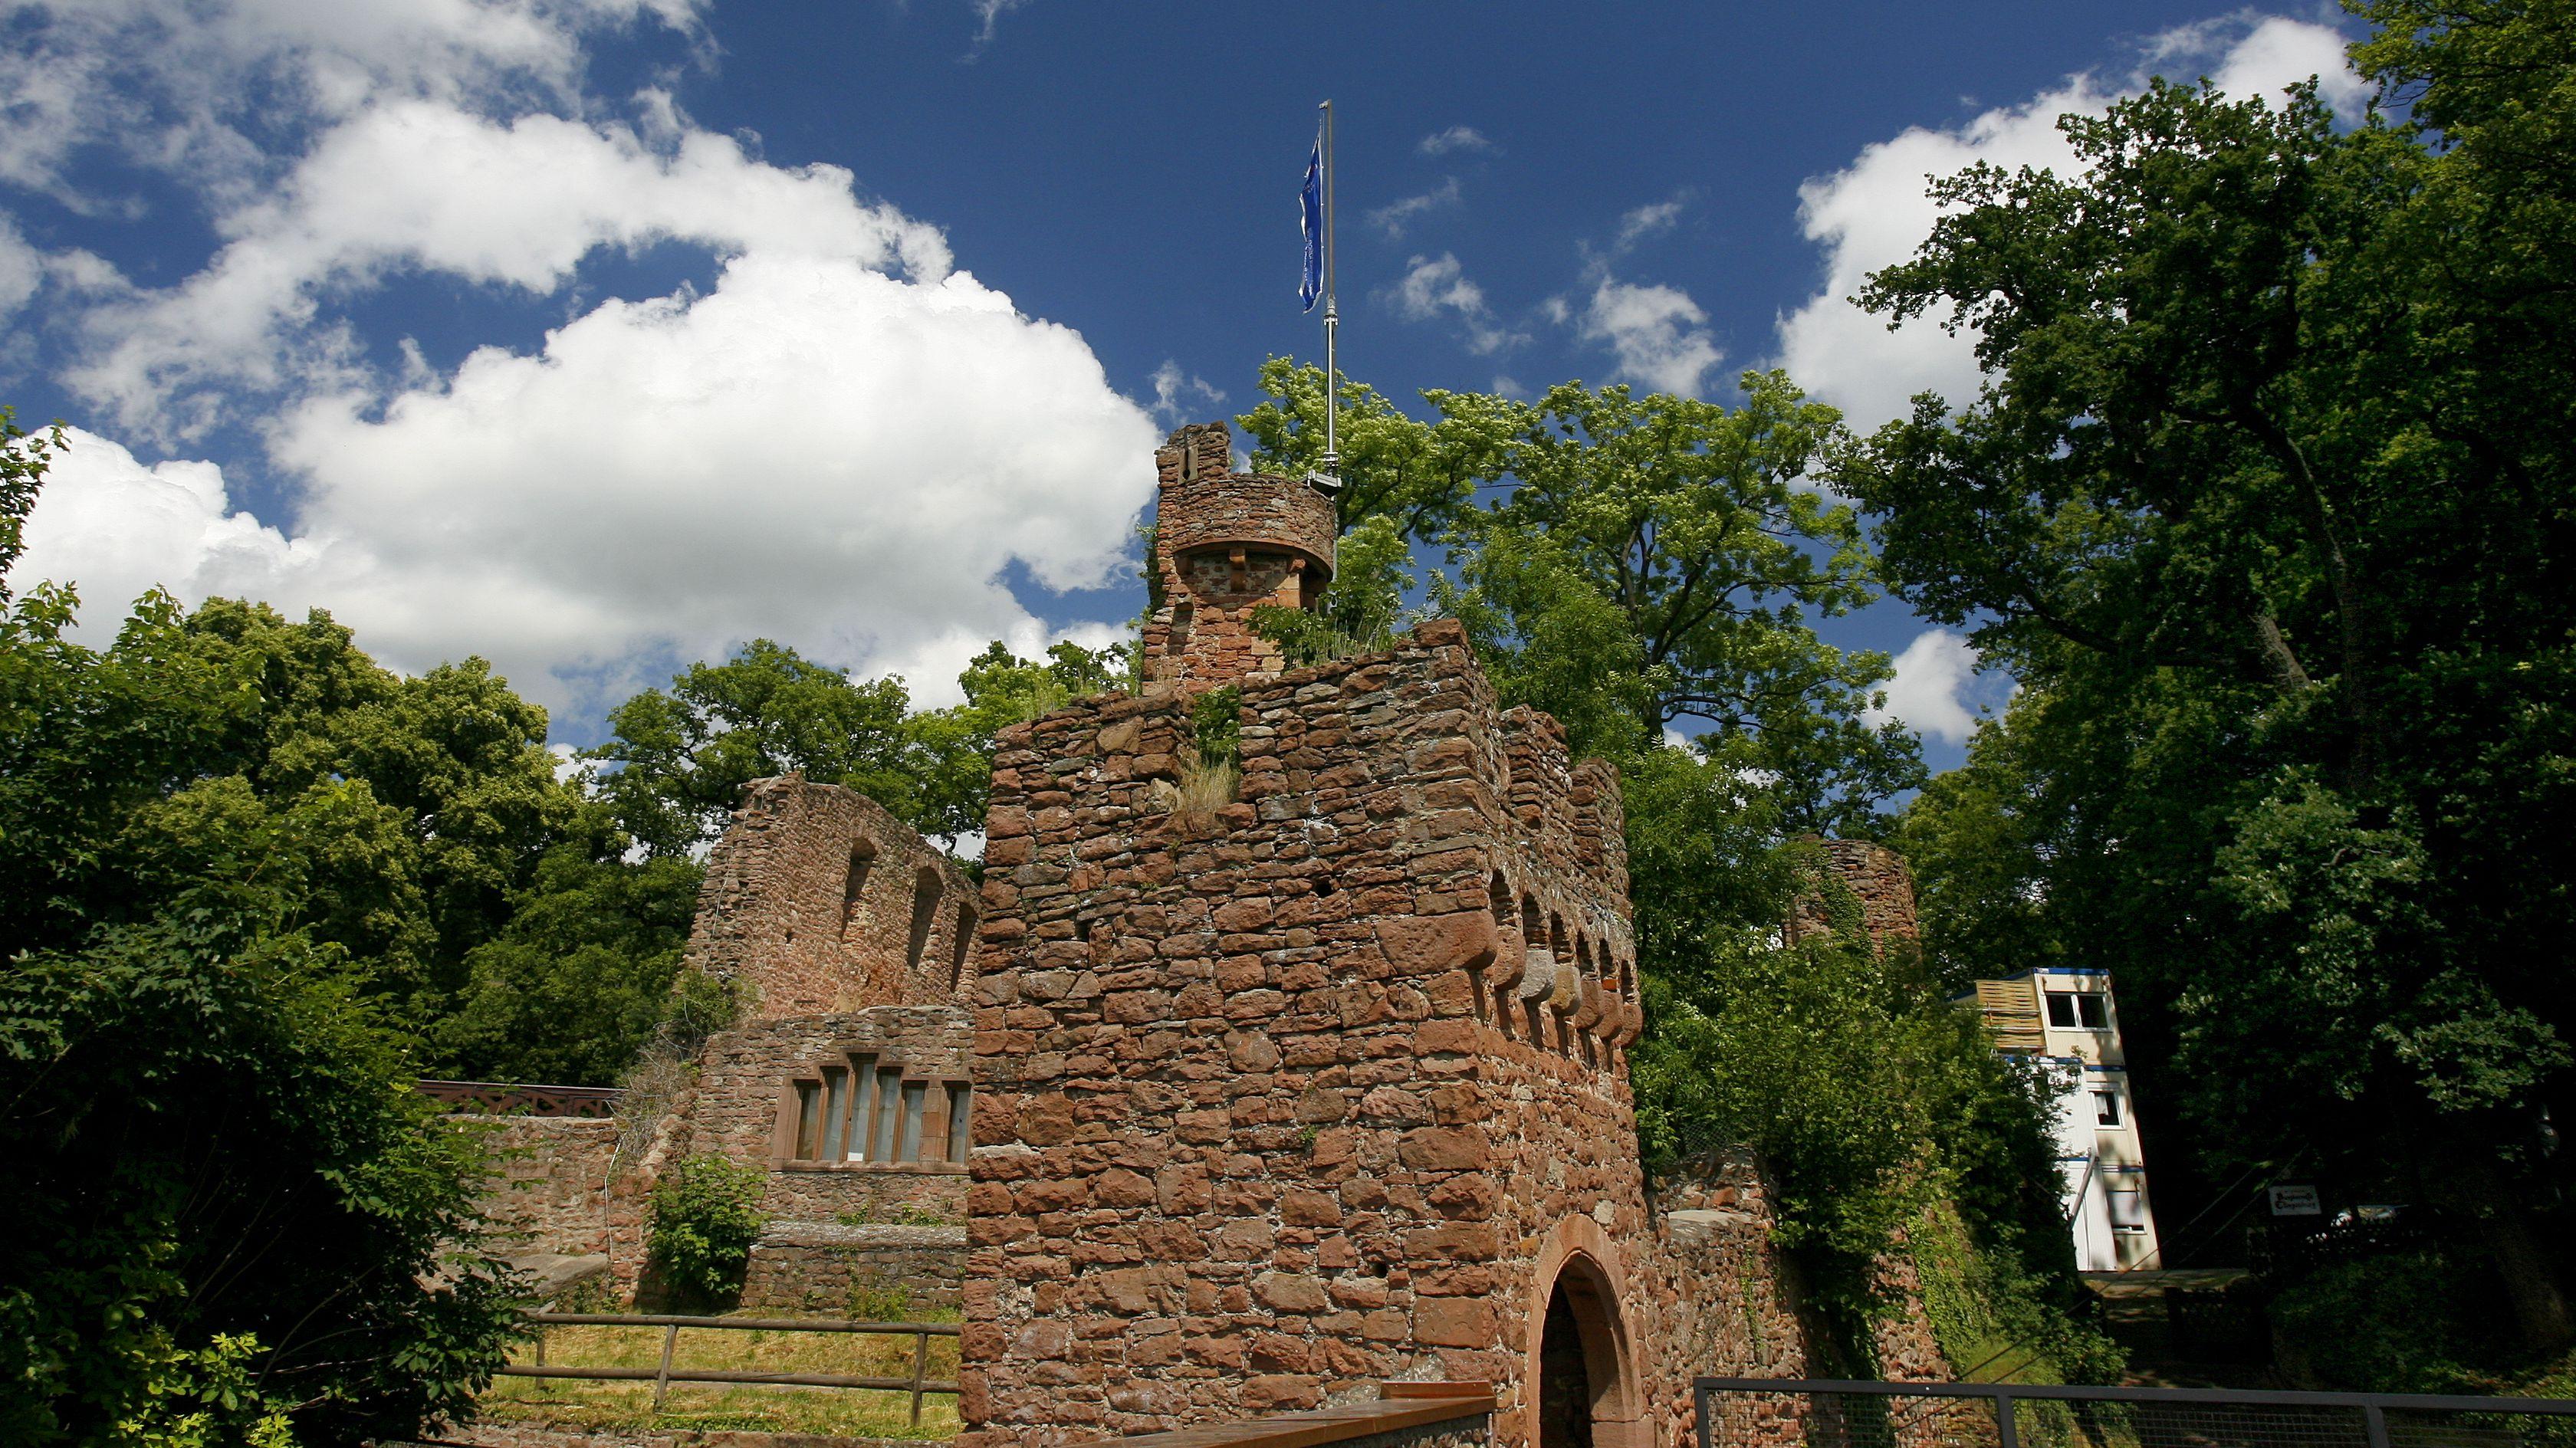 Nächstes Jahr keine Clingenburg-Festspiele in Klingenberg